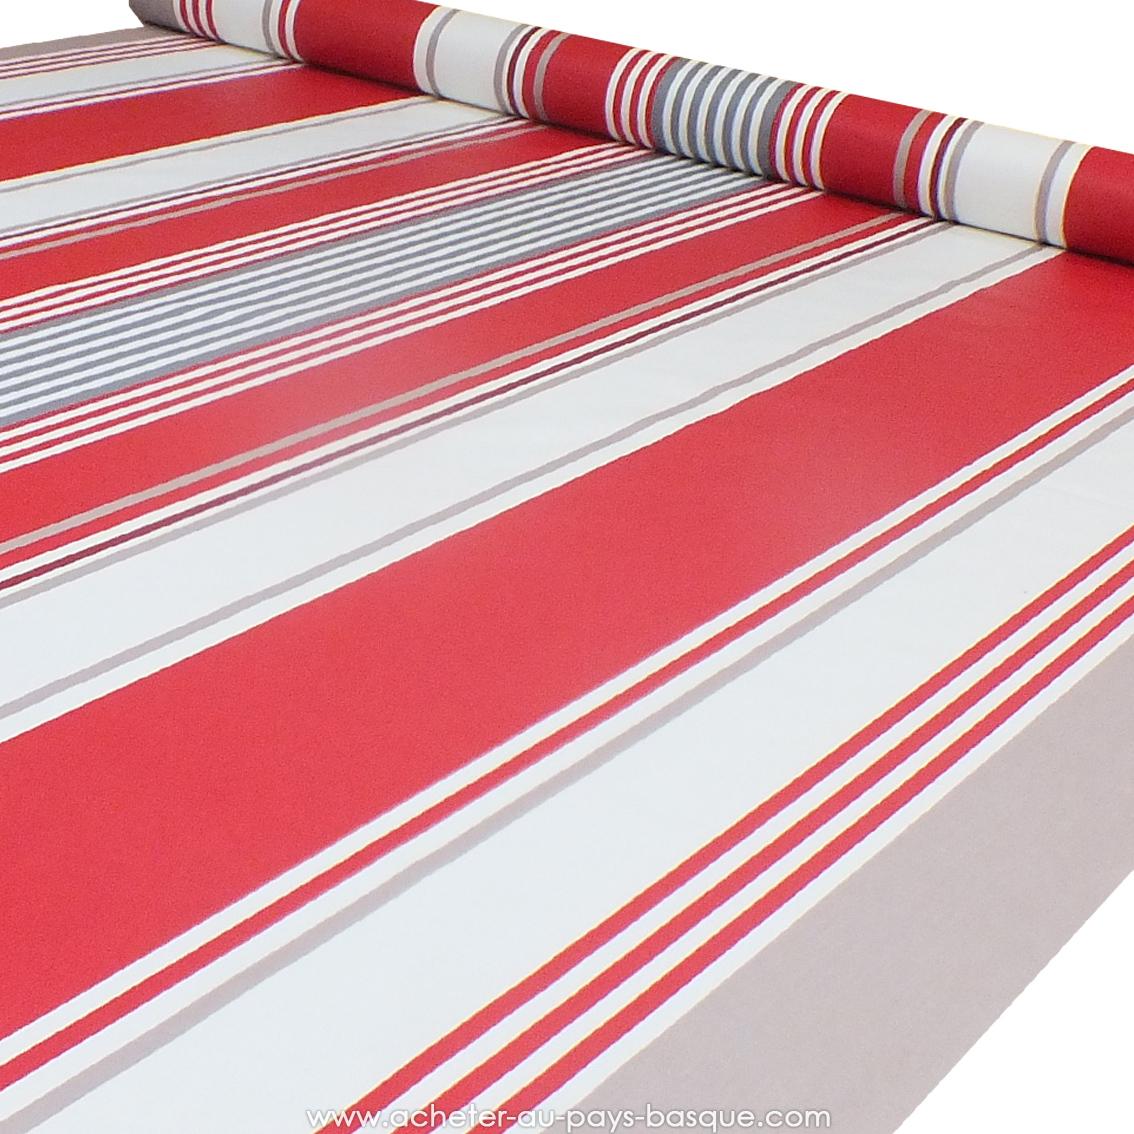 https://www.acheter-au-pays-basque.com/tissus-docks-negresse-biarritz/linge-basque-de-maison/1339-6278-nappe-toile-enduite-rayure-basque-rouge-blanc-gris.html